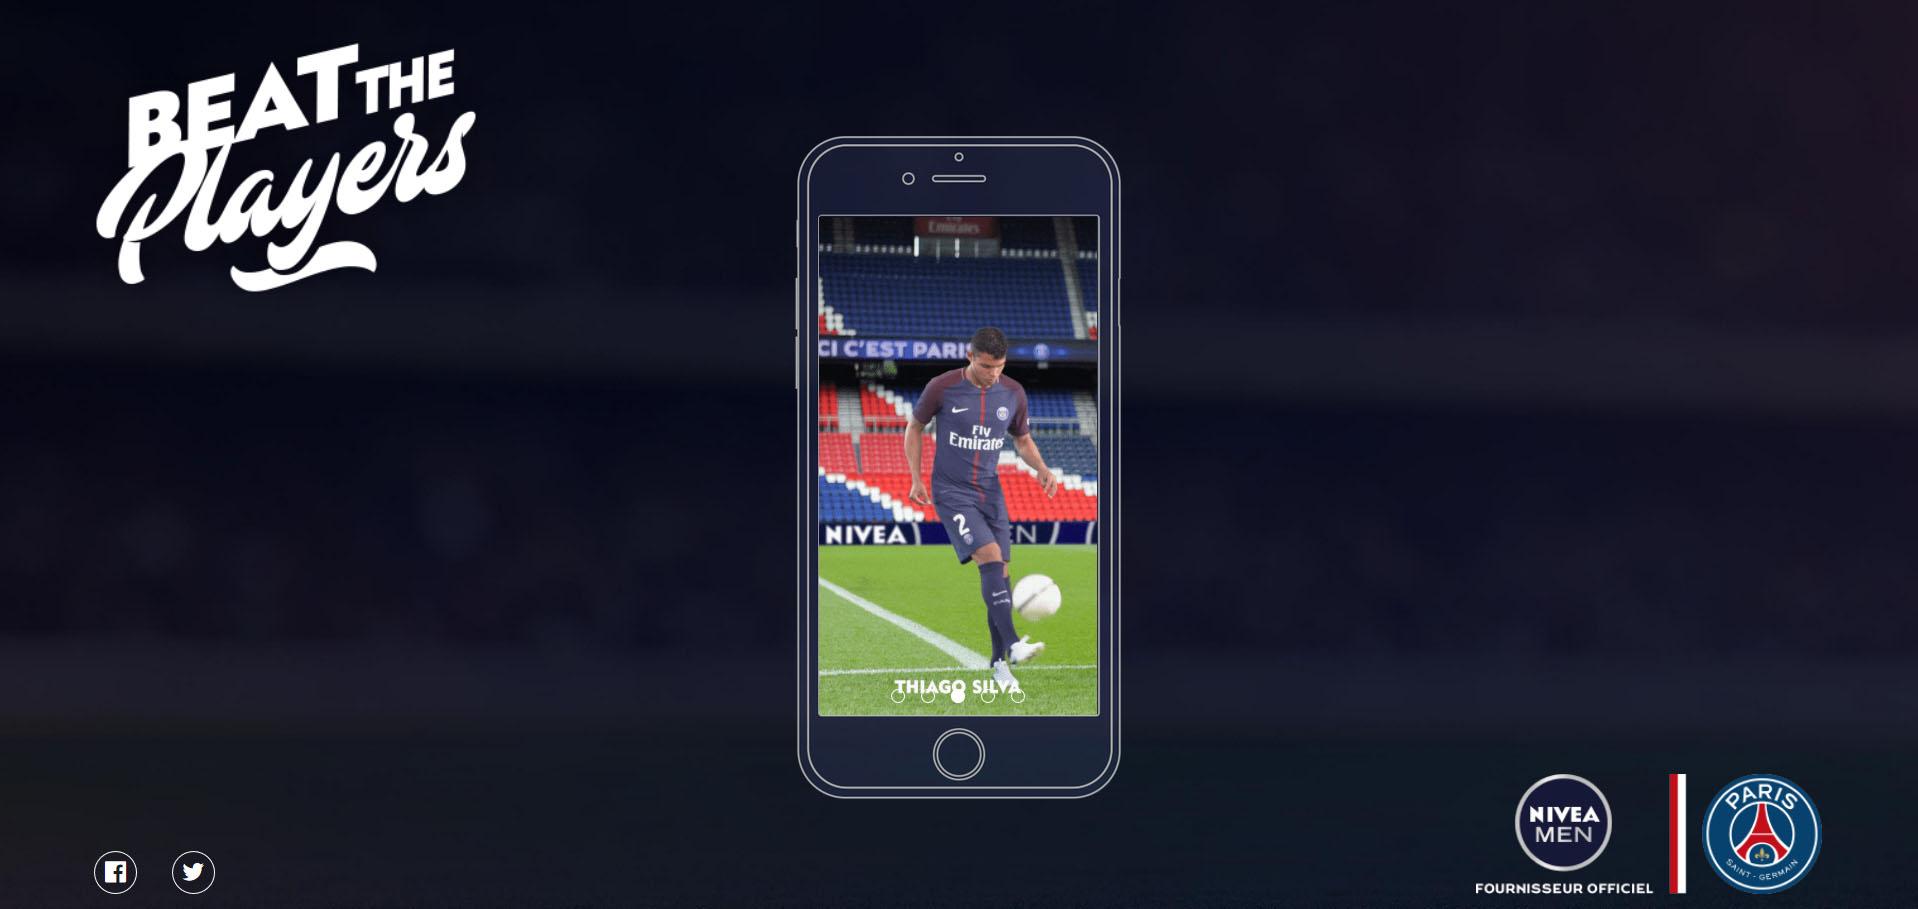 Nivea Men invite à défier les joueurs du PSG via un advergame #BeatThePlayers